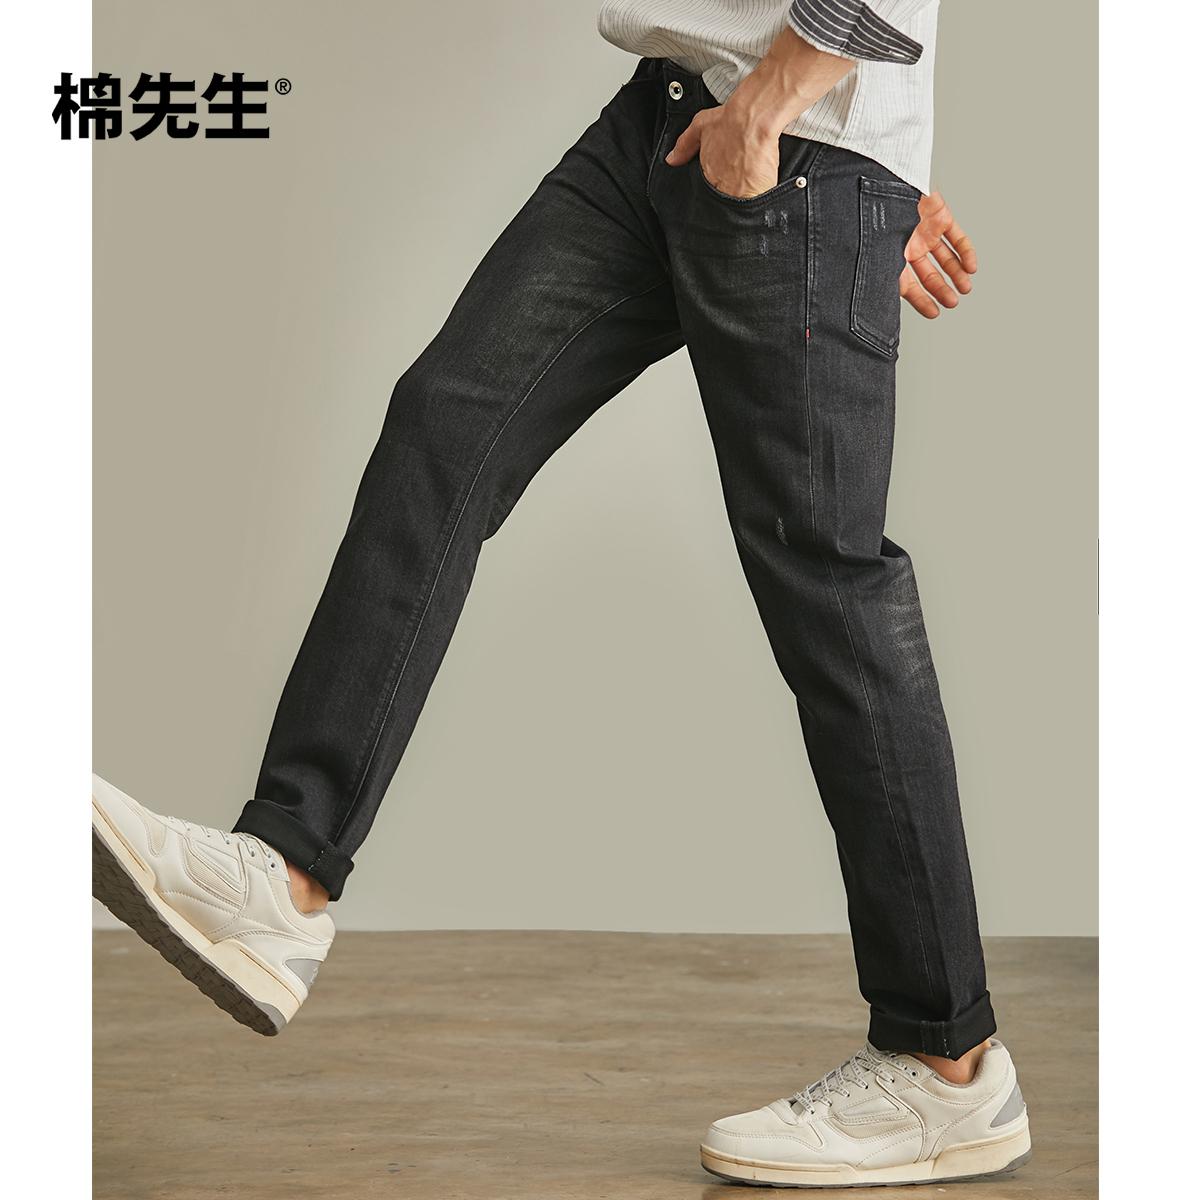 棉先生男装秋季新款男士弹力长裤修身灰色牛仔裤修身小脚裤男裤子